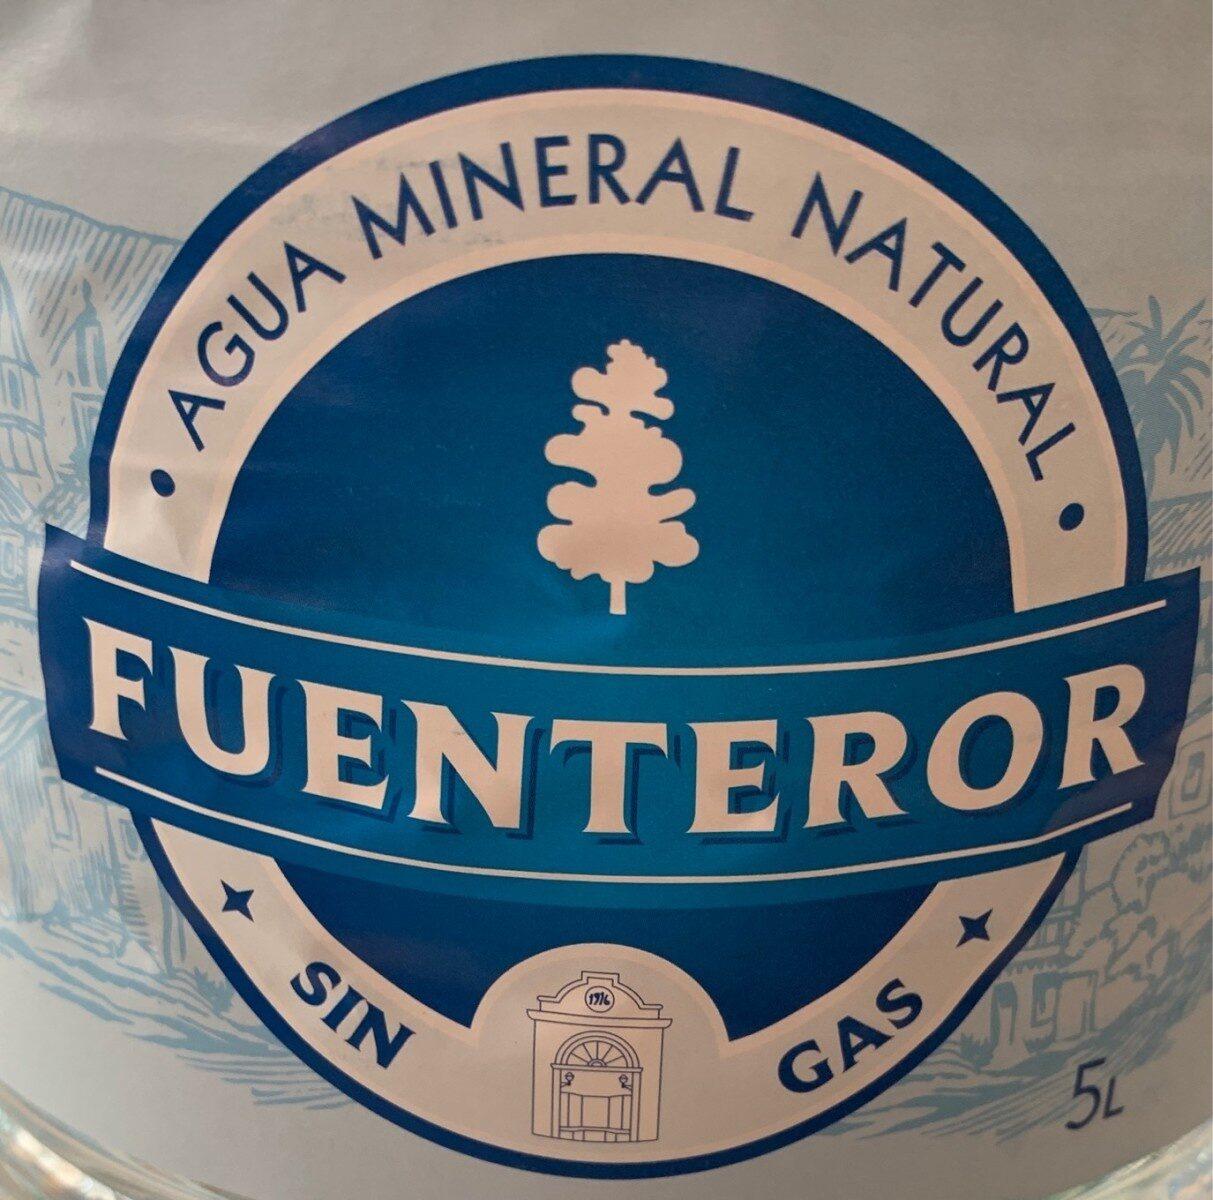 Fuenteror - Producto - es